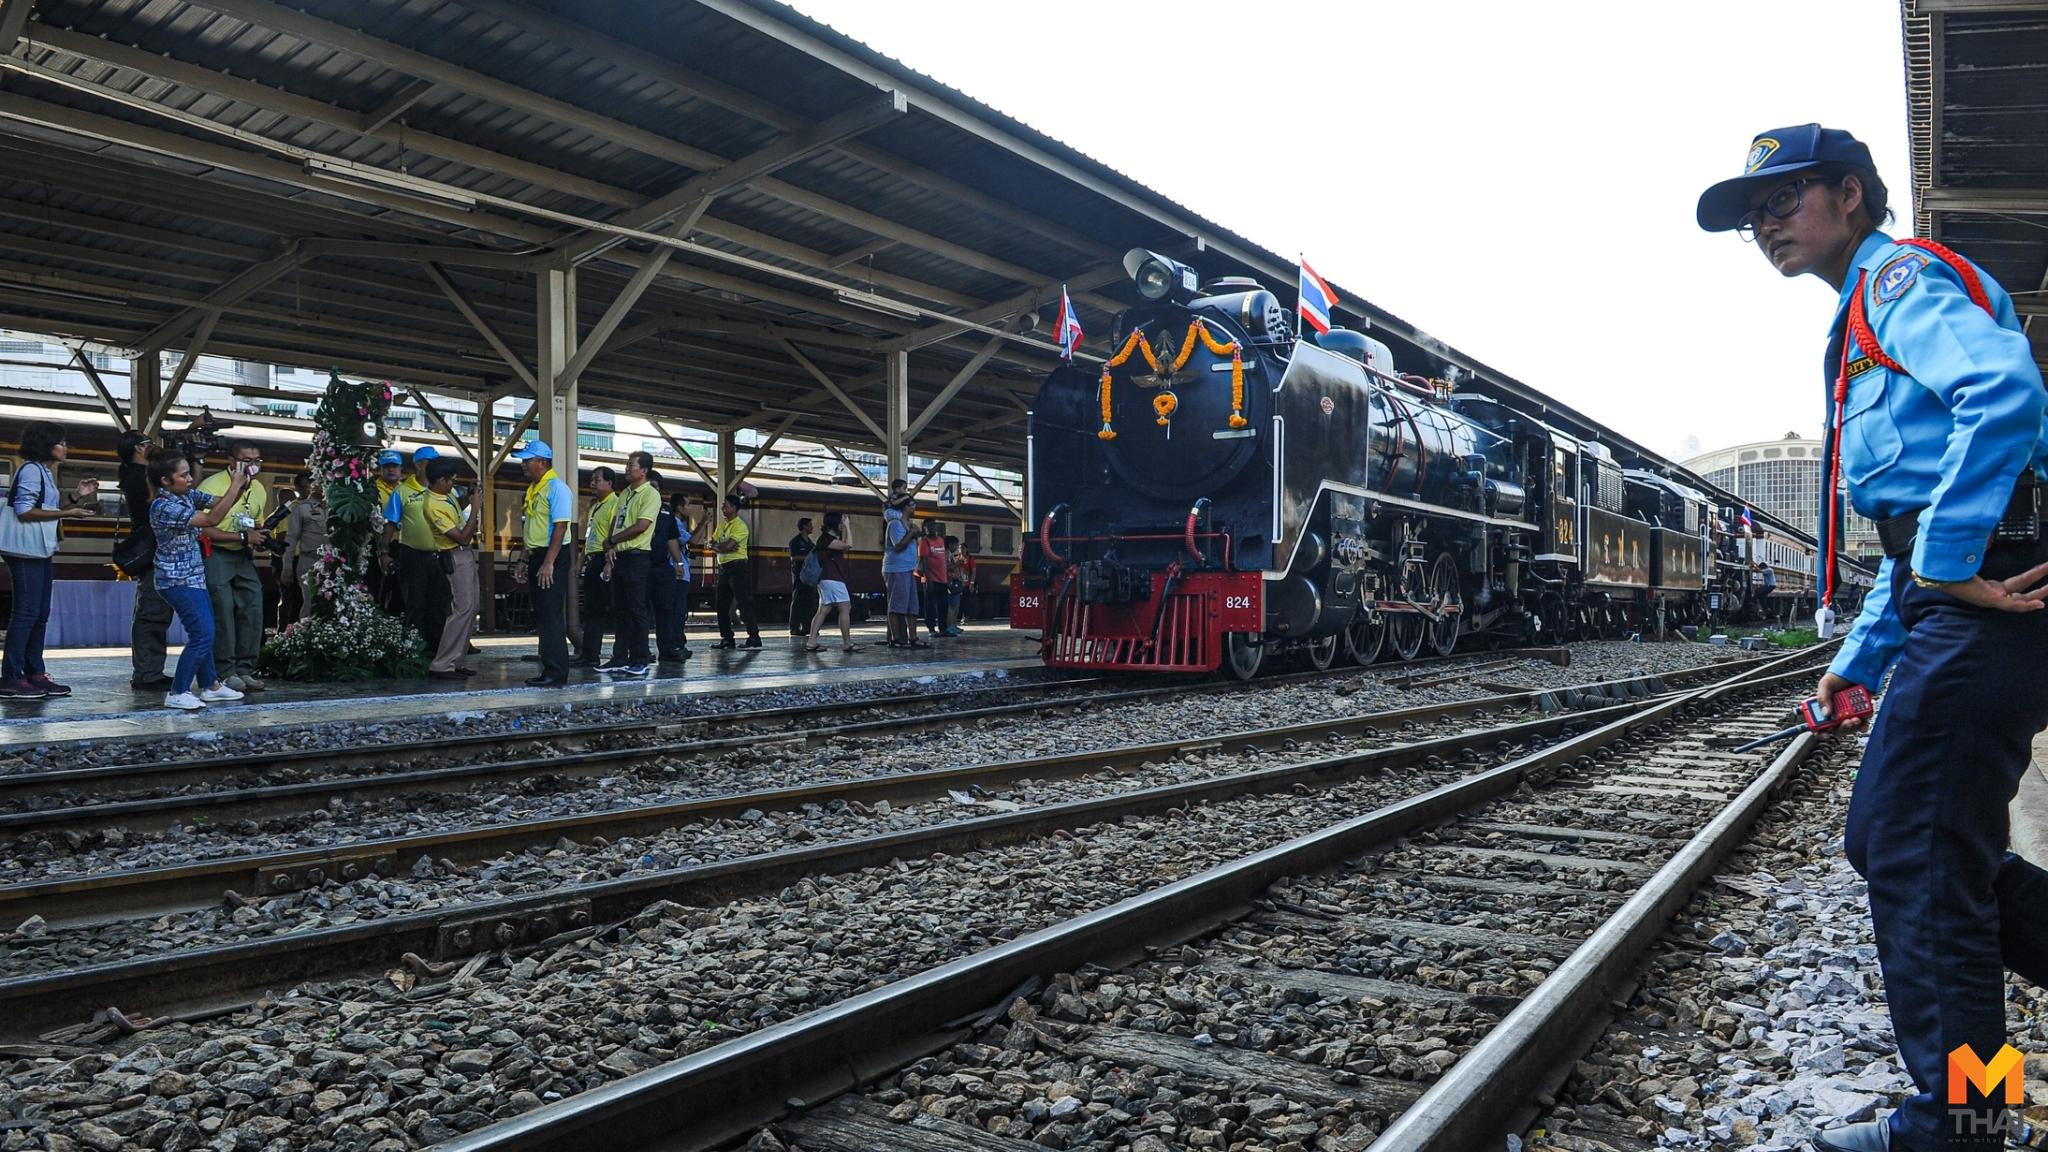 การรถไฟแห่งประเทศไทย รถจักรไอน้ำ รัชกาลที่ 5 วันปิยมหาราช